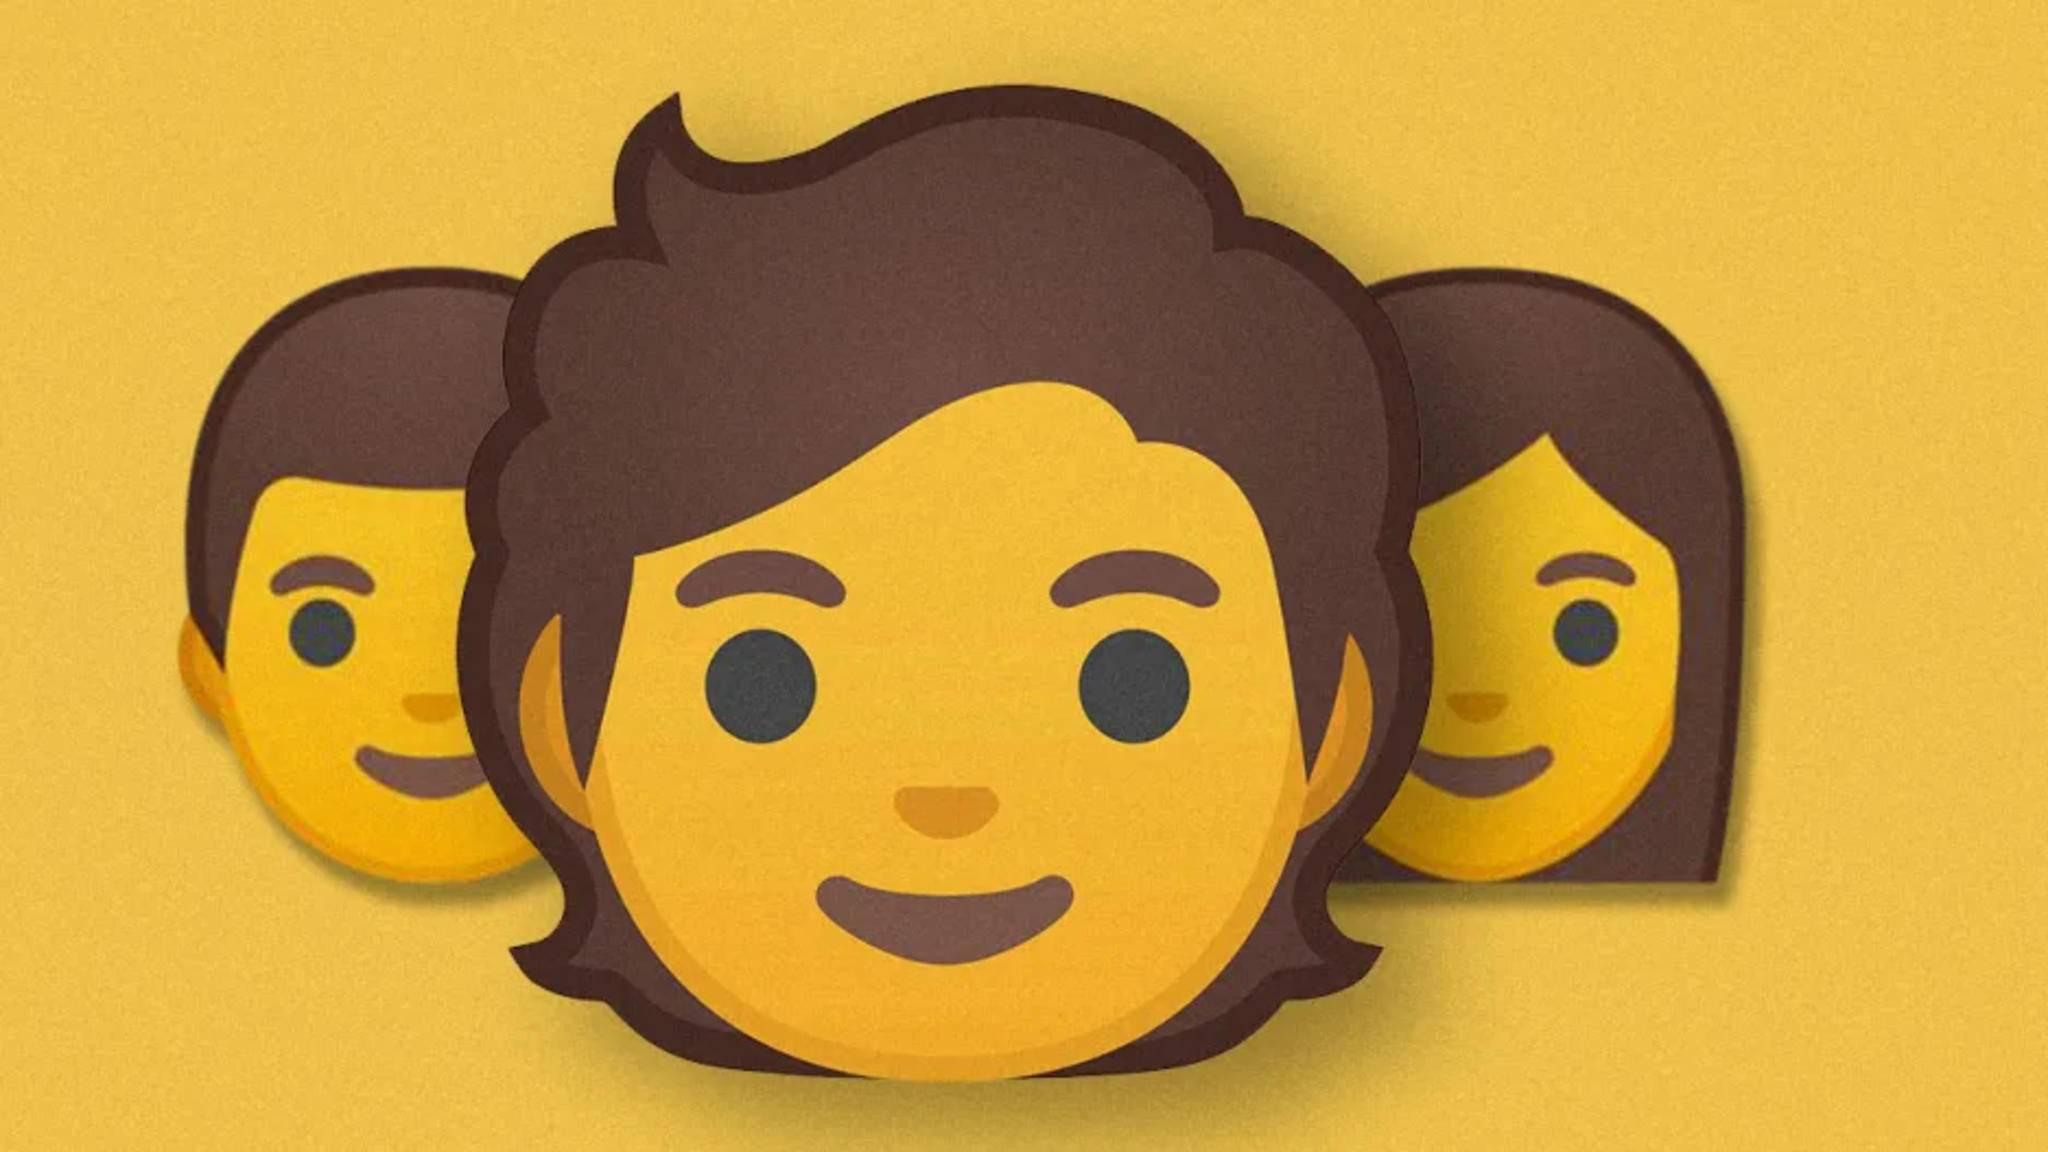 Viele Gender-Fluid-Emojis von Google haben einfach mittellanges Haar.